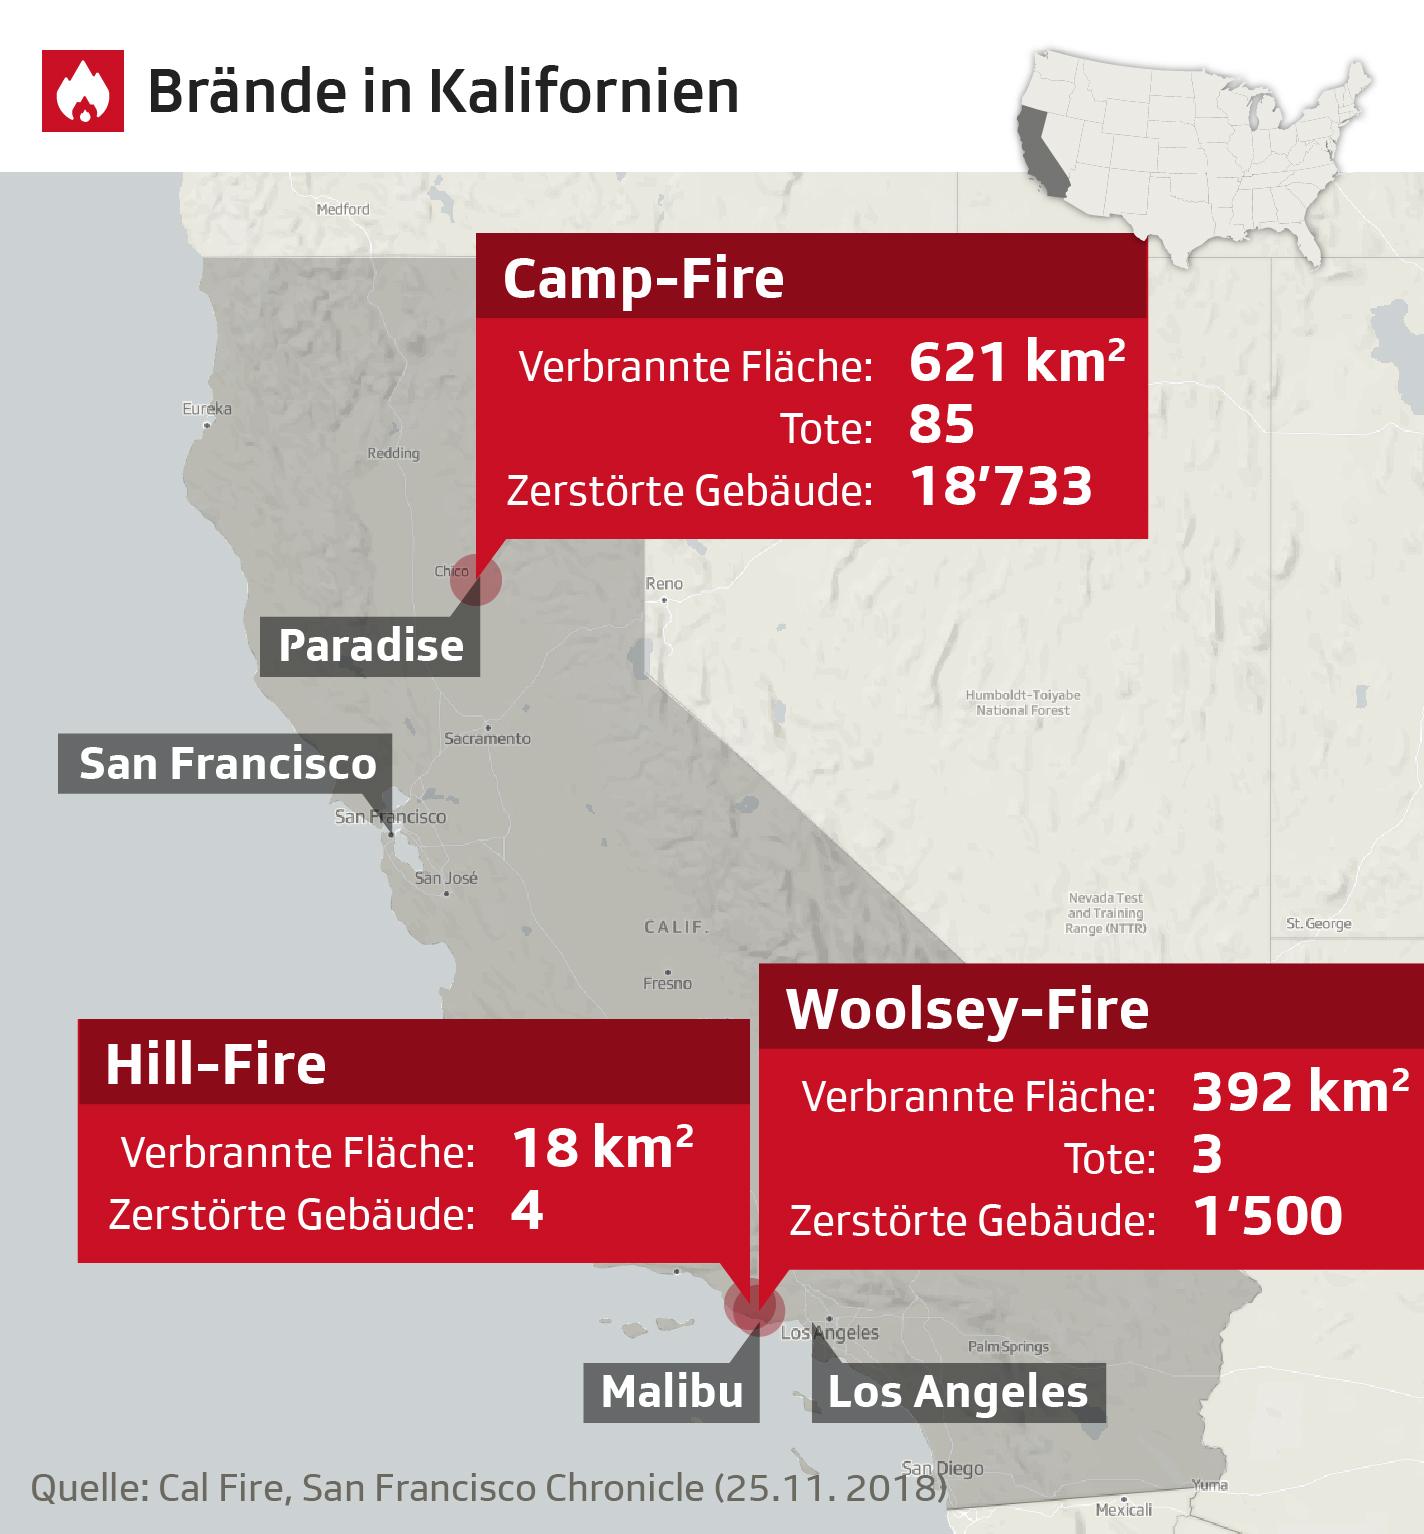 Karte Kaliforniens mit den Brandorten und Zahlen zu Opfern und Schäden